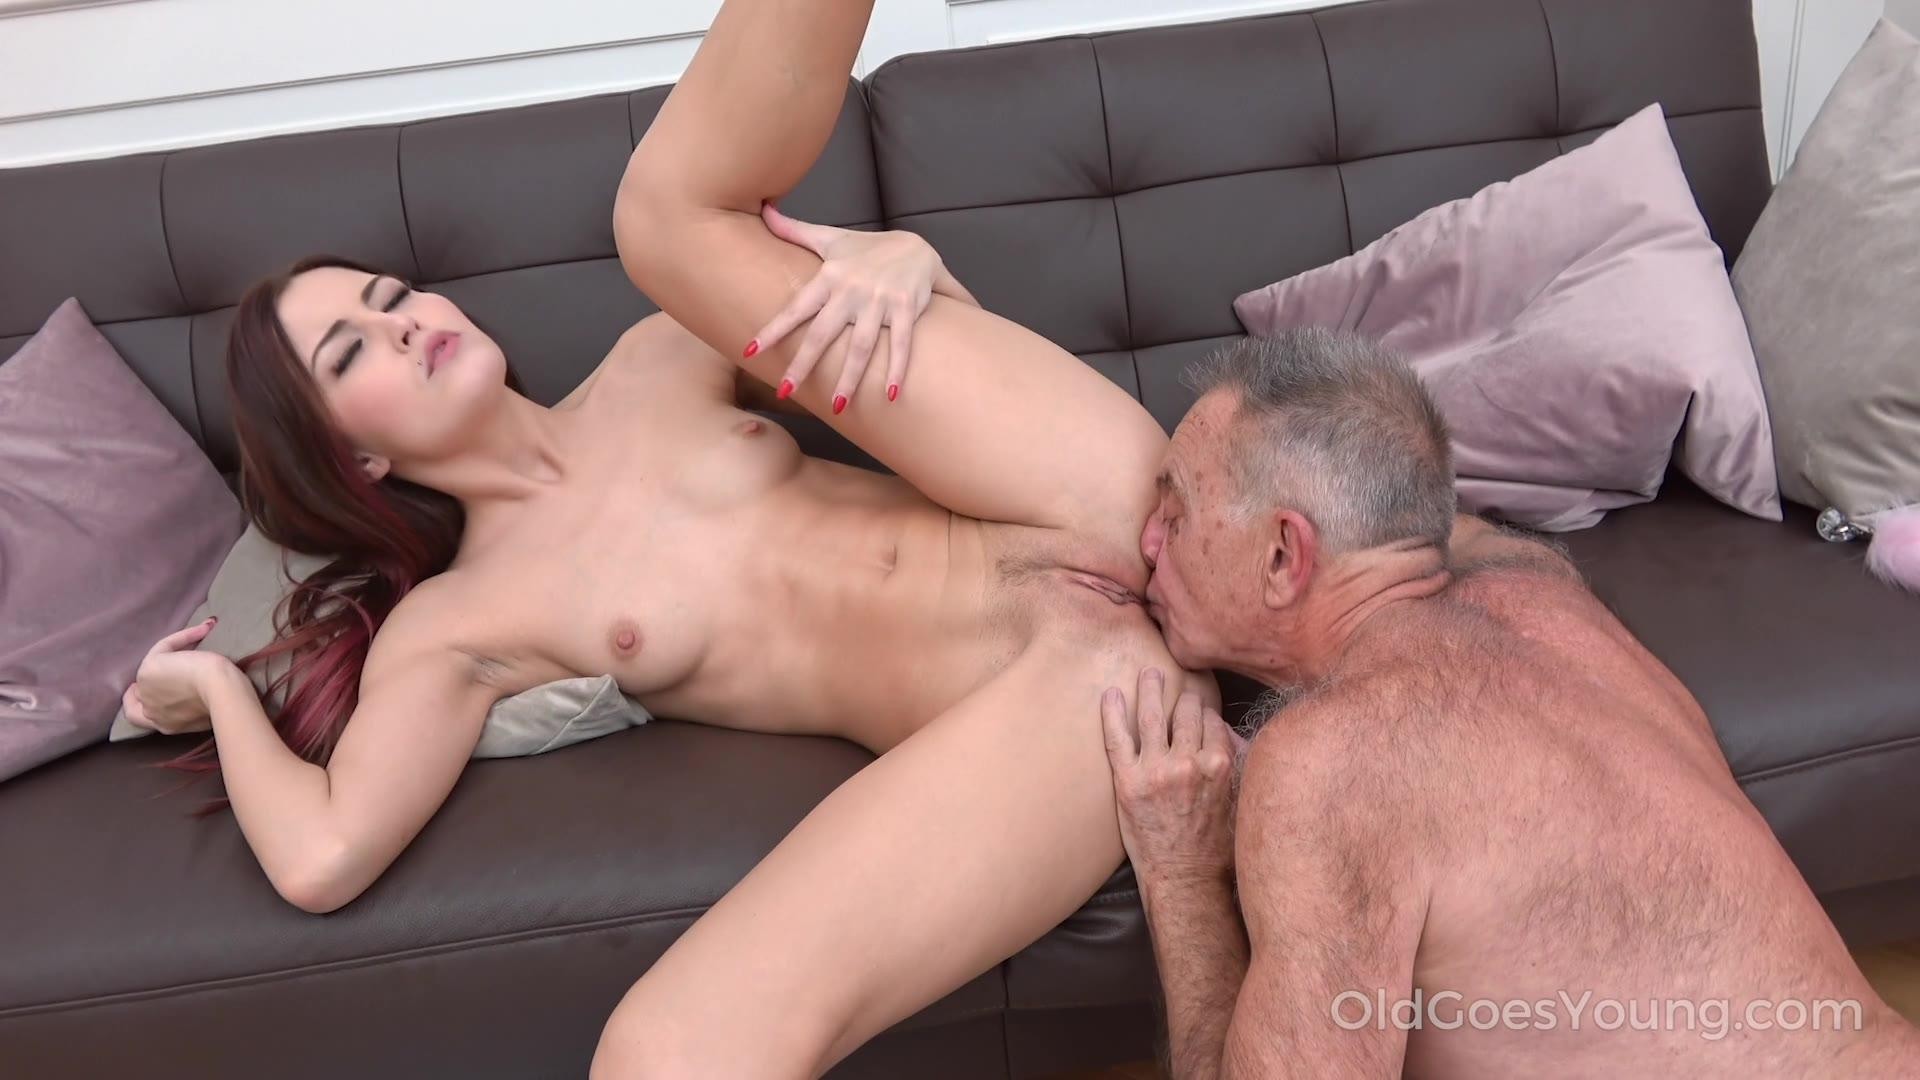 Anal creampie arab porno pics